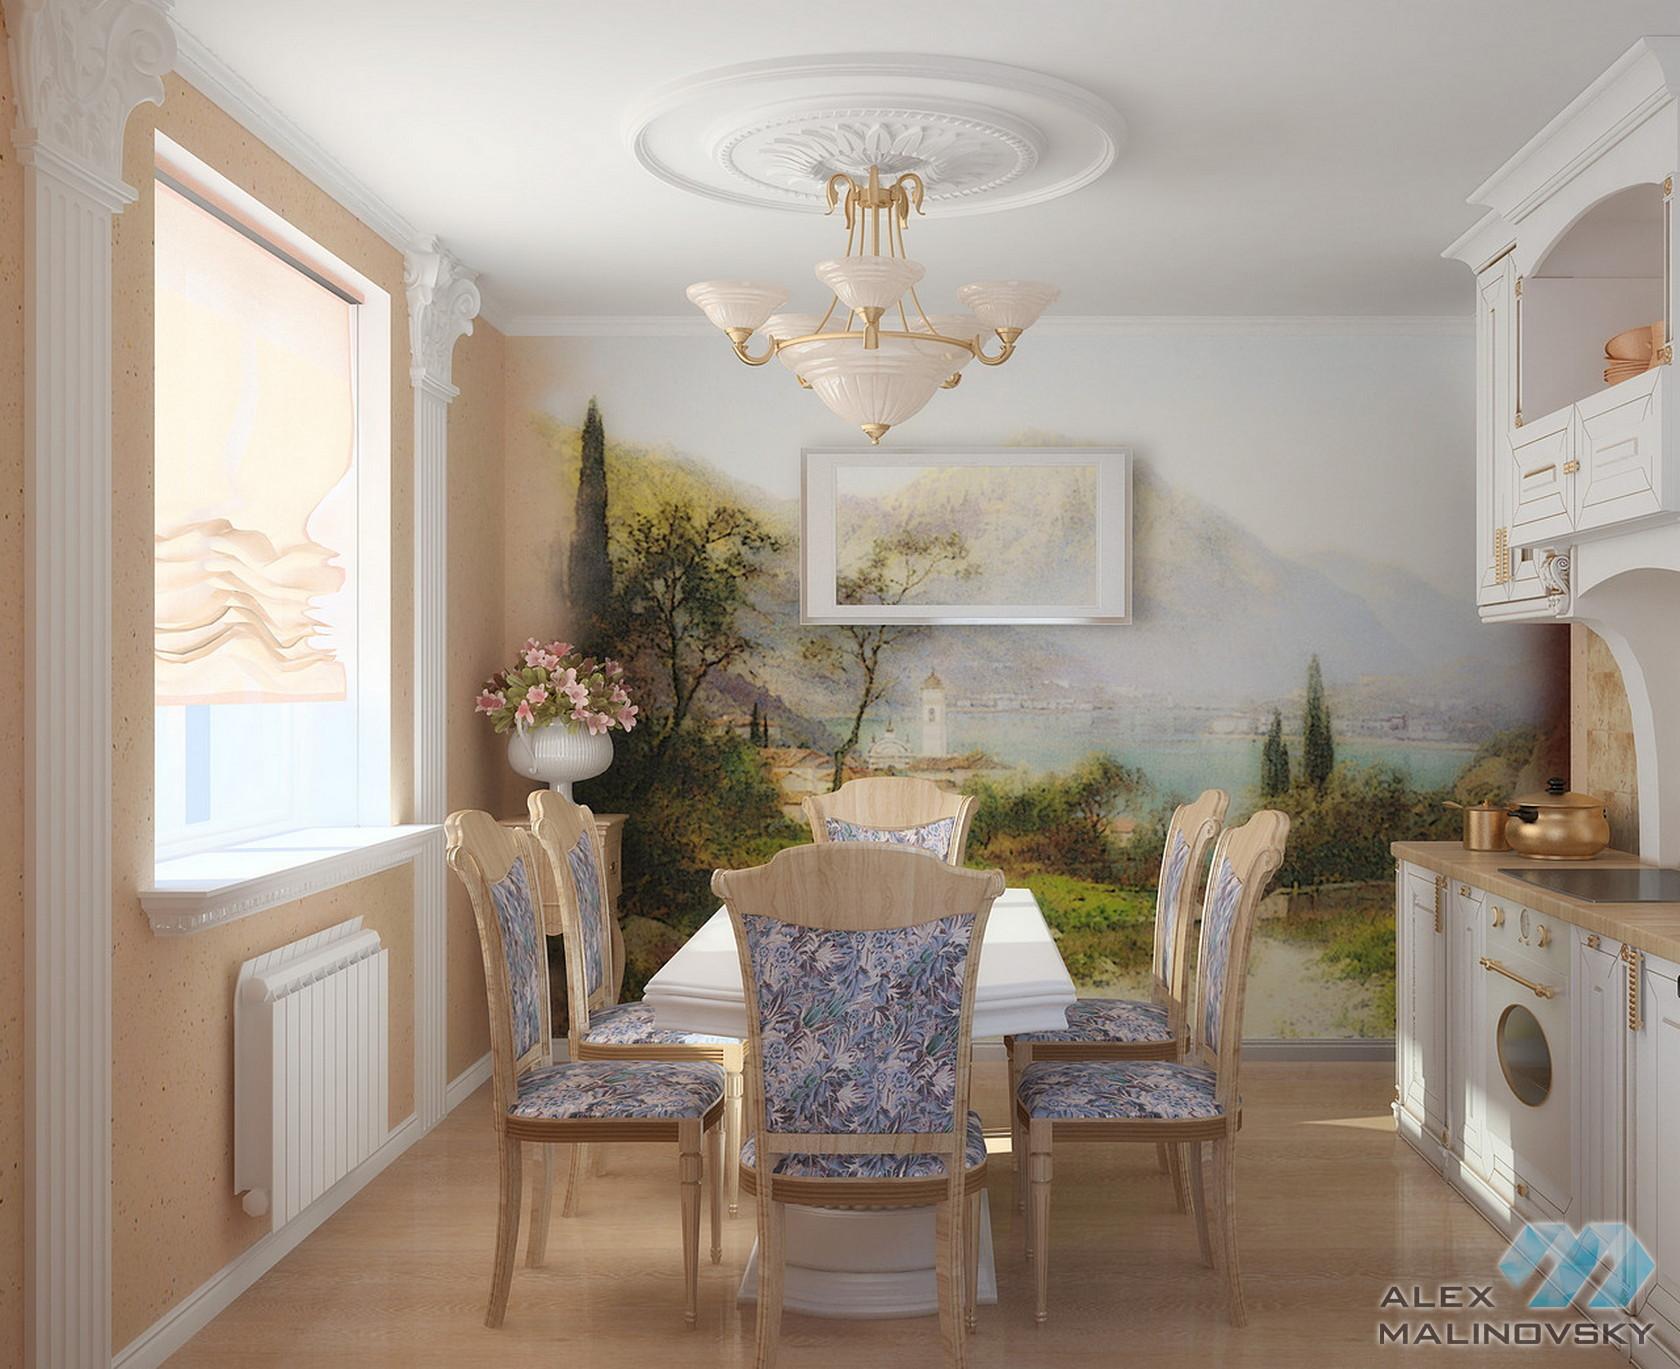 Кухня, 3х комнатная квартира, ЖК Князь Владимир, Белгород